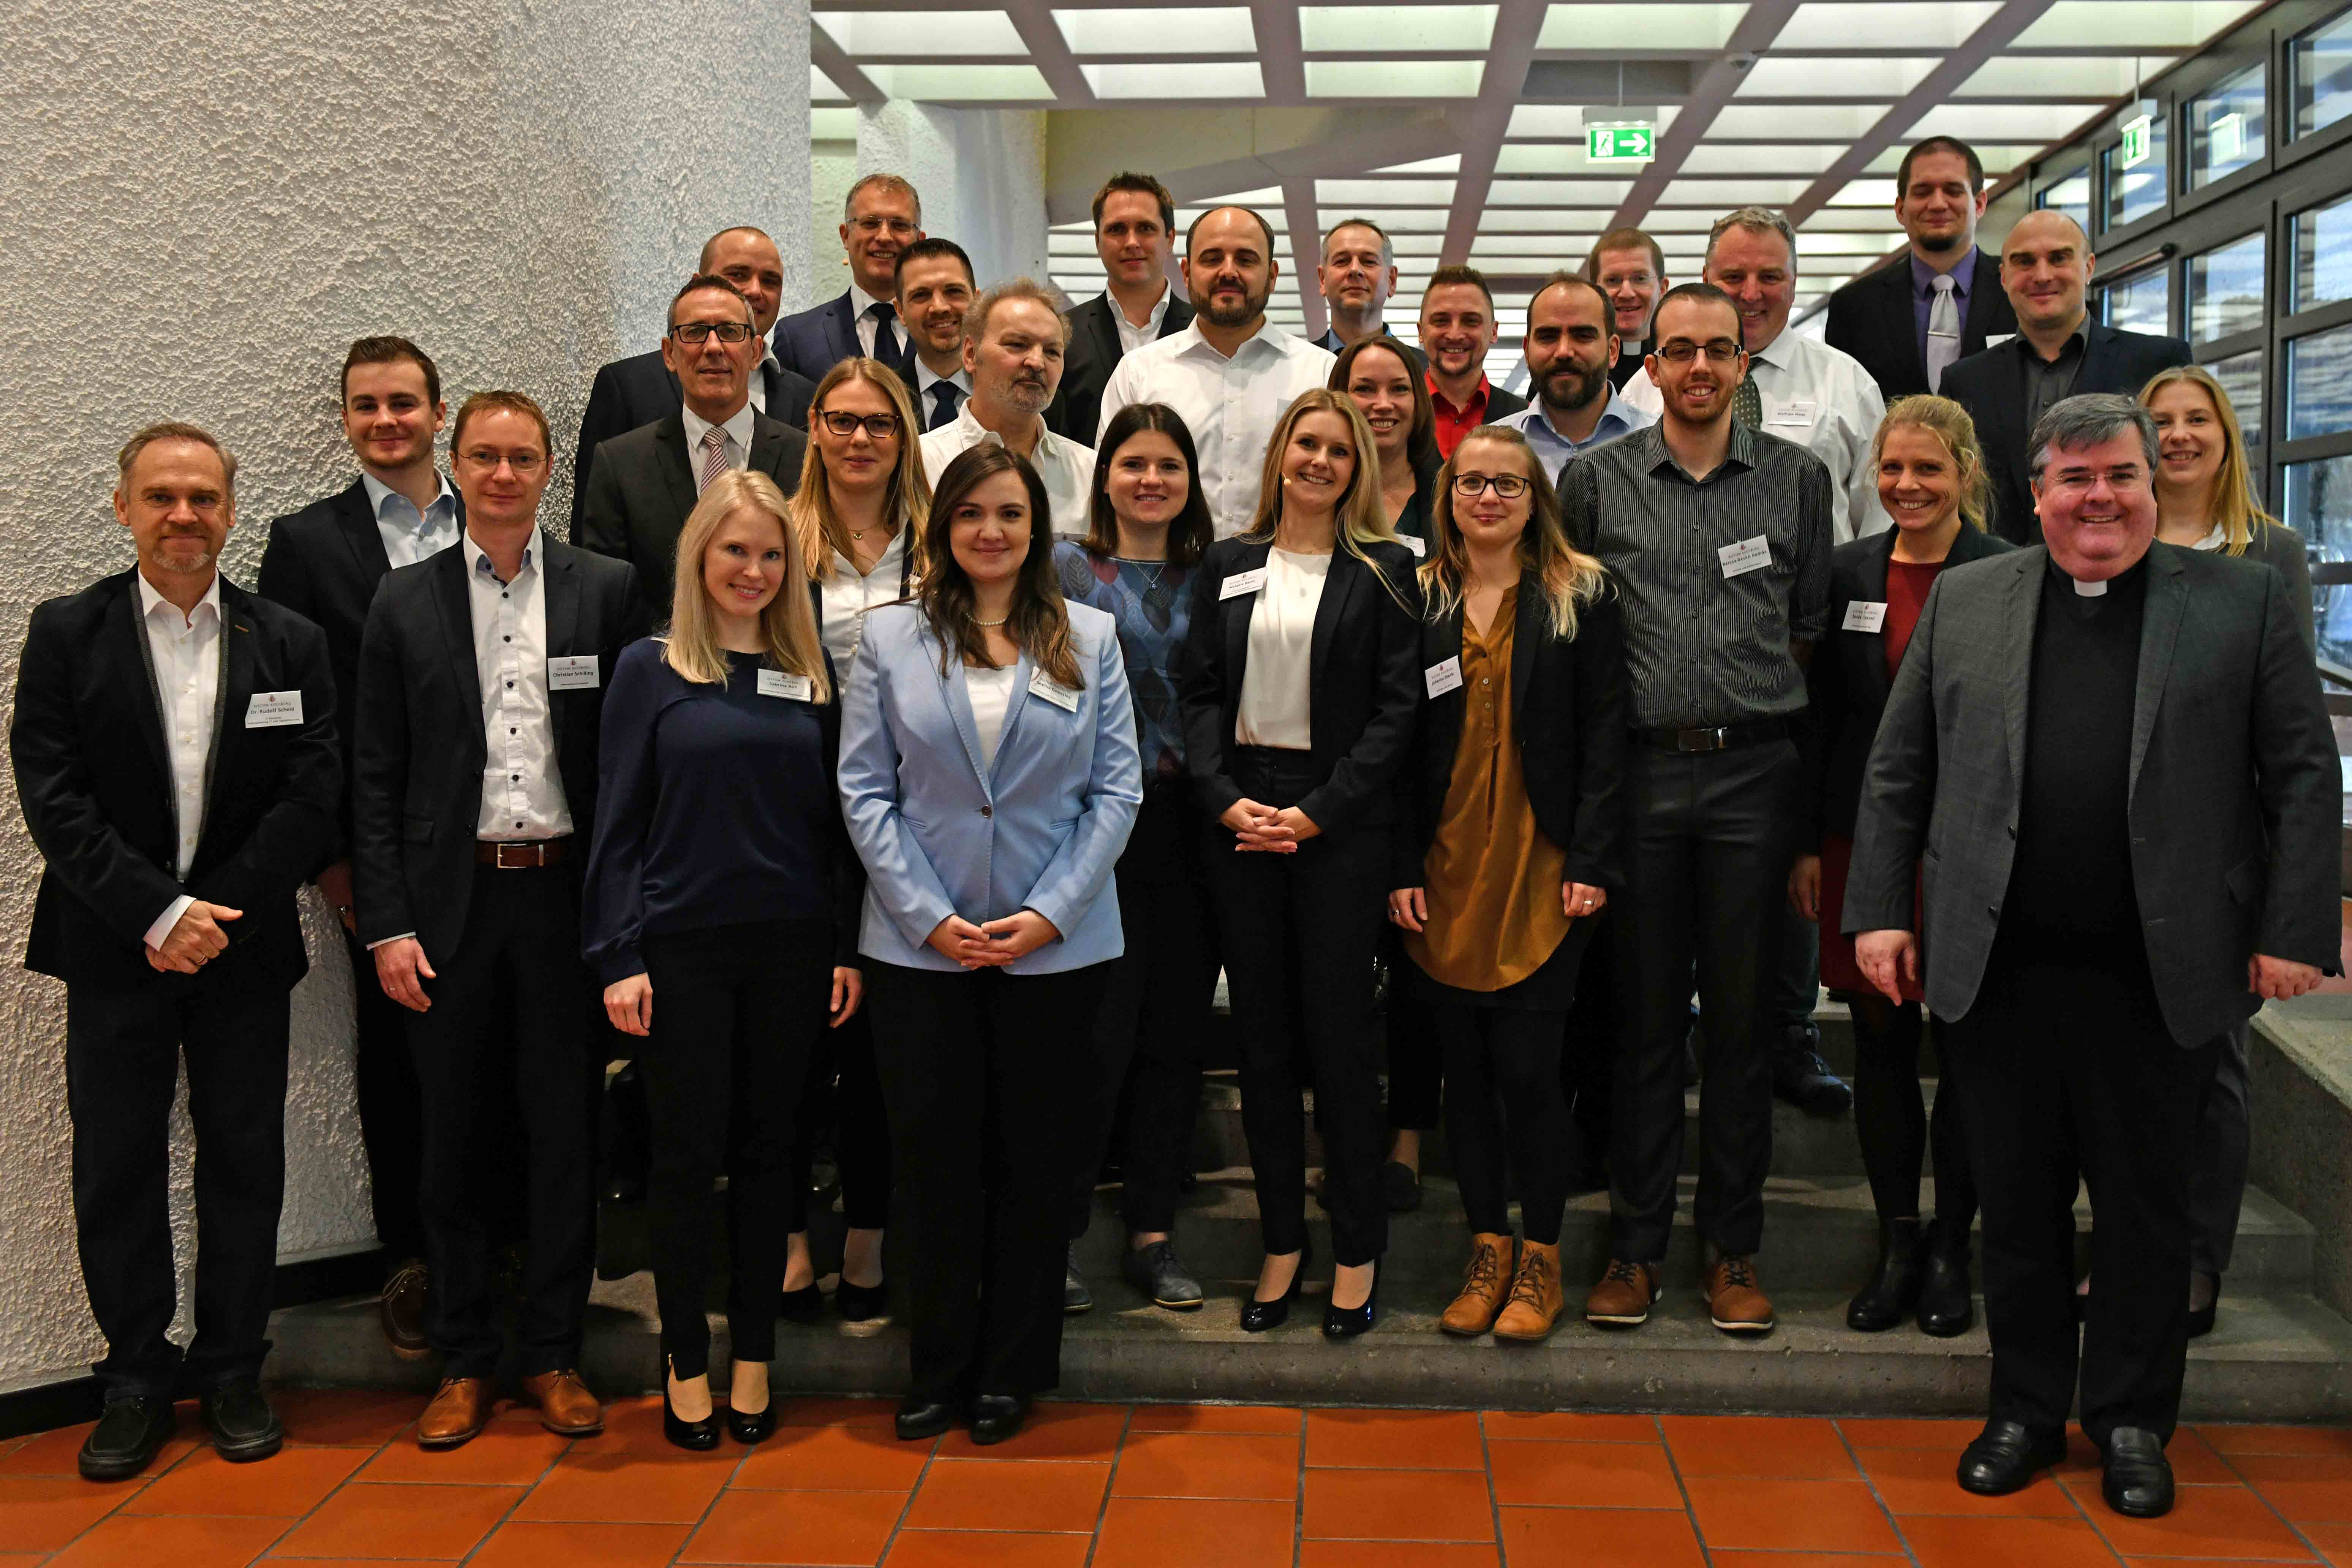 Die Stabsabteilung IT und Digitalisierung stellt sich vor (mit auf dem Bild: Domkapitular Harald Heinrich und Domvikar Martin Riß).